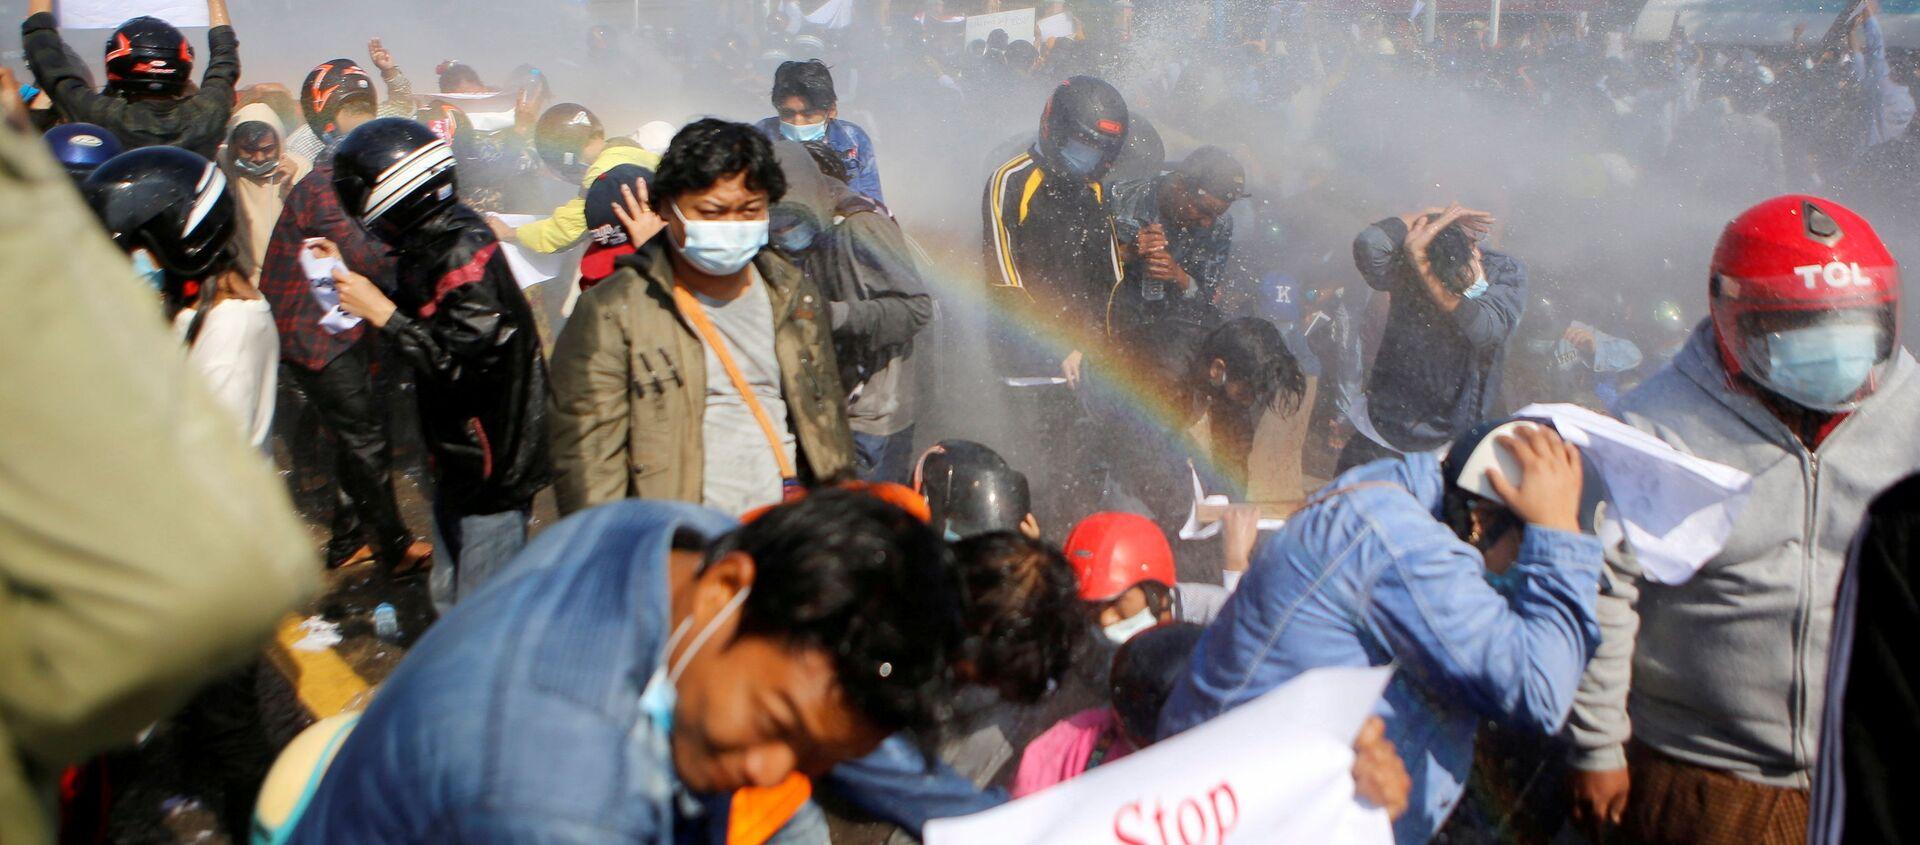 Полиция стреляет из водомета по демонстрантам, выступающим против военного переворота, в Нейпьито, Мьянма - Sputnik Italia, 1920, 22.02.2021